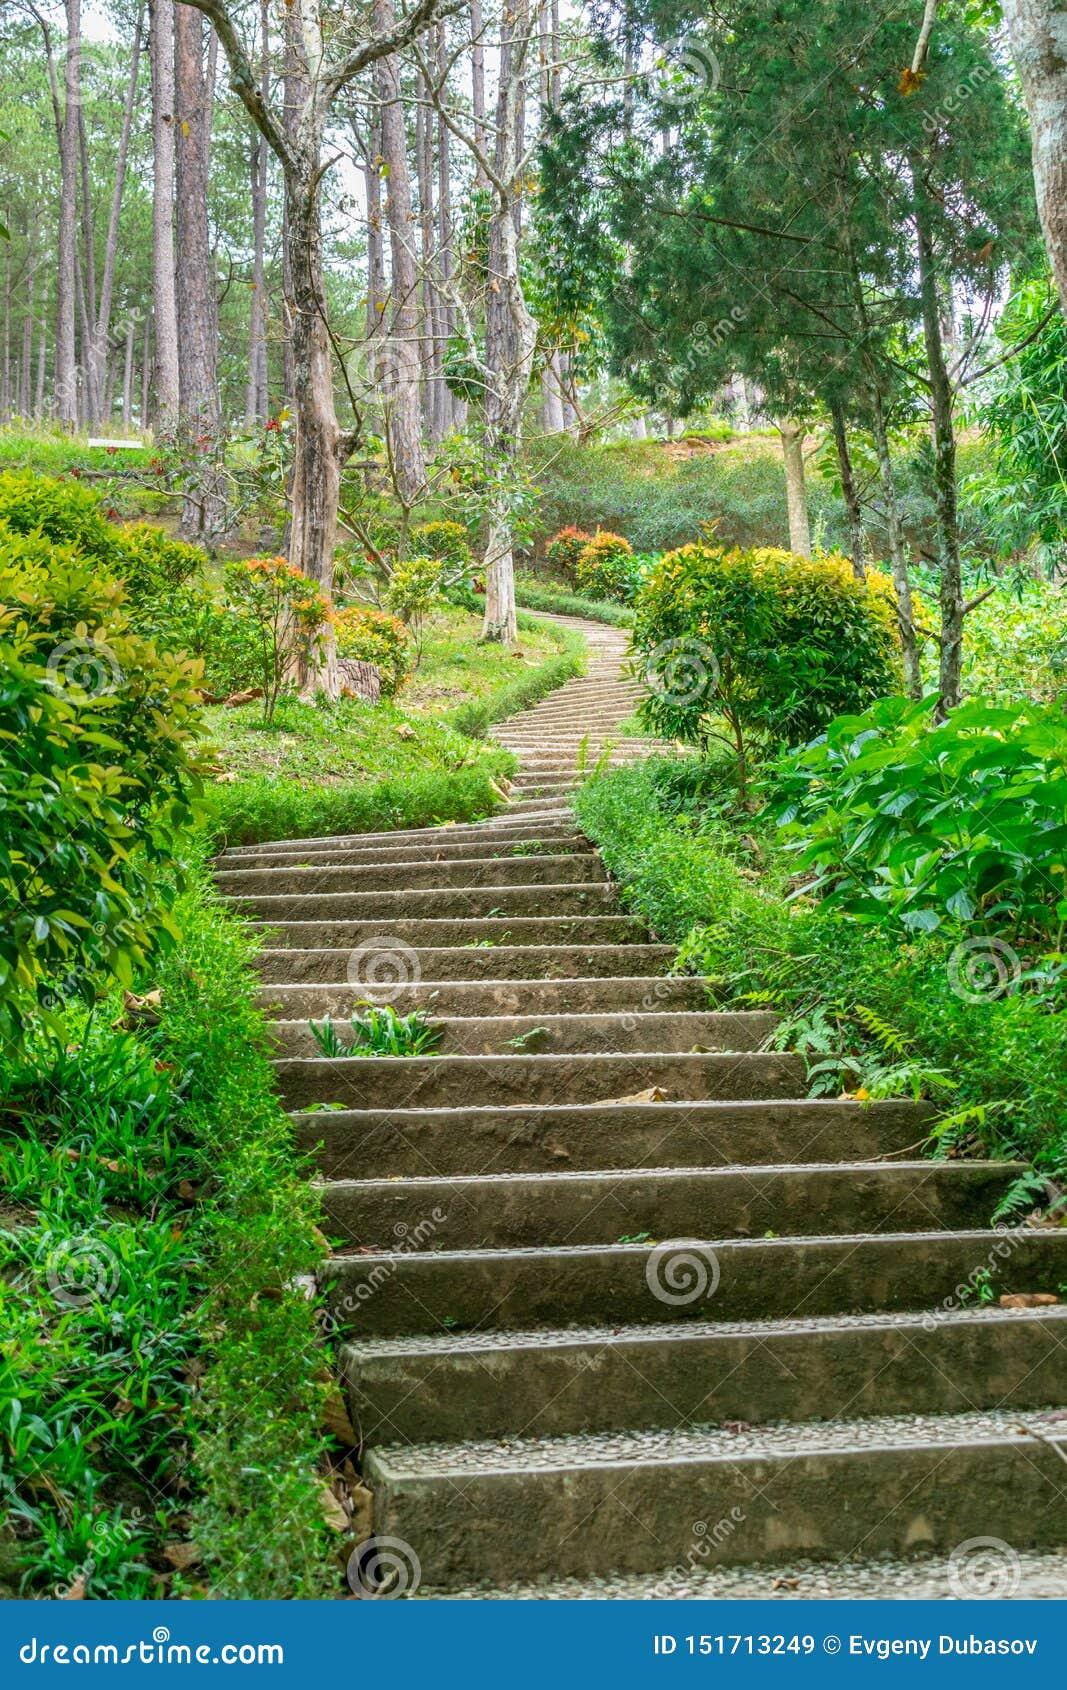 Pasos a una colina en un parque con el césped verde en los bordes